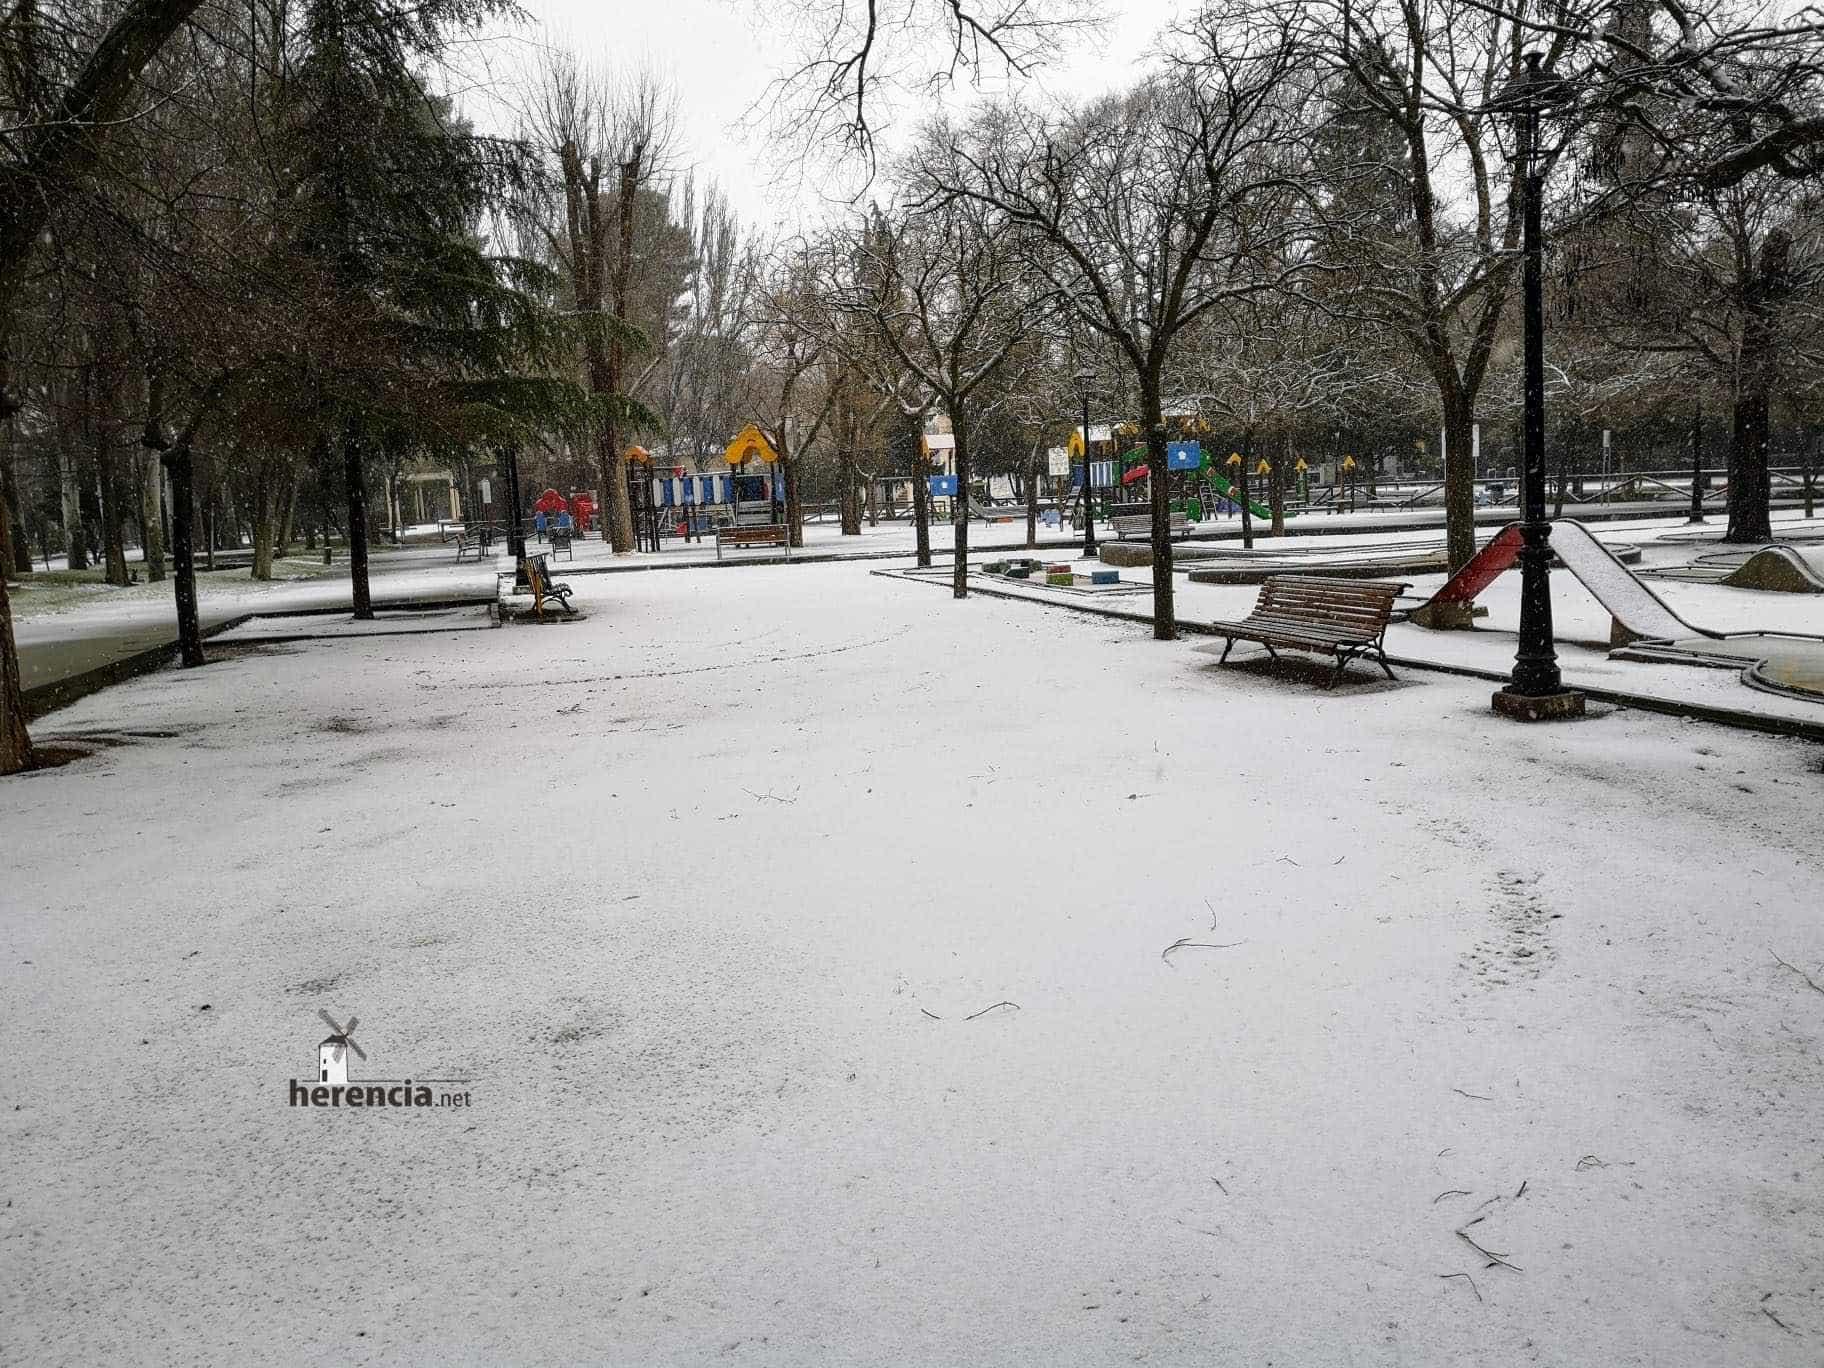 Las nevadas llegan Herencia y a toda Castilla-La Mancha (actualizado) 110